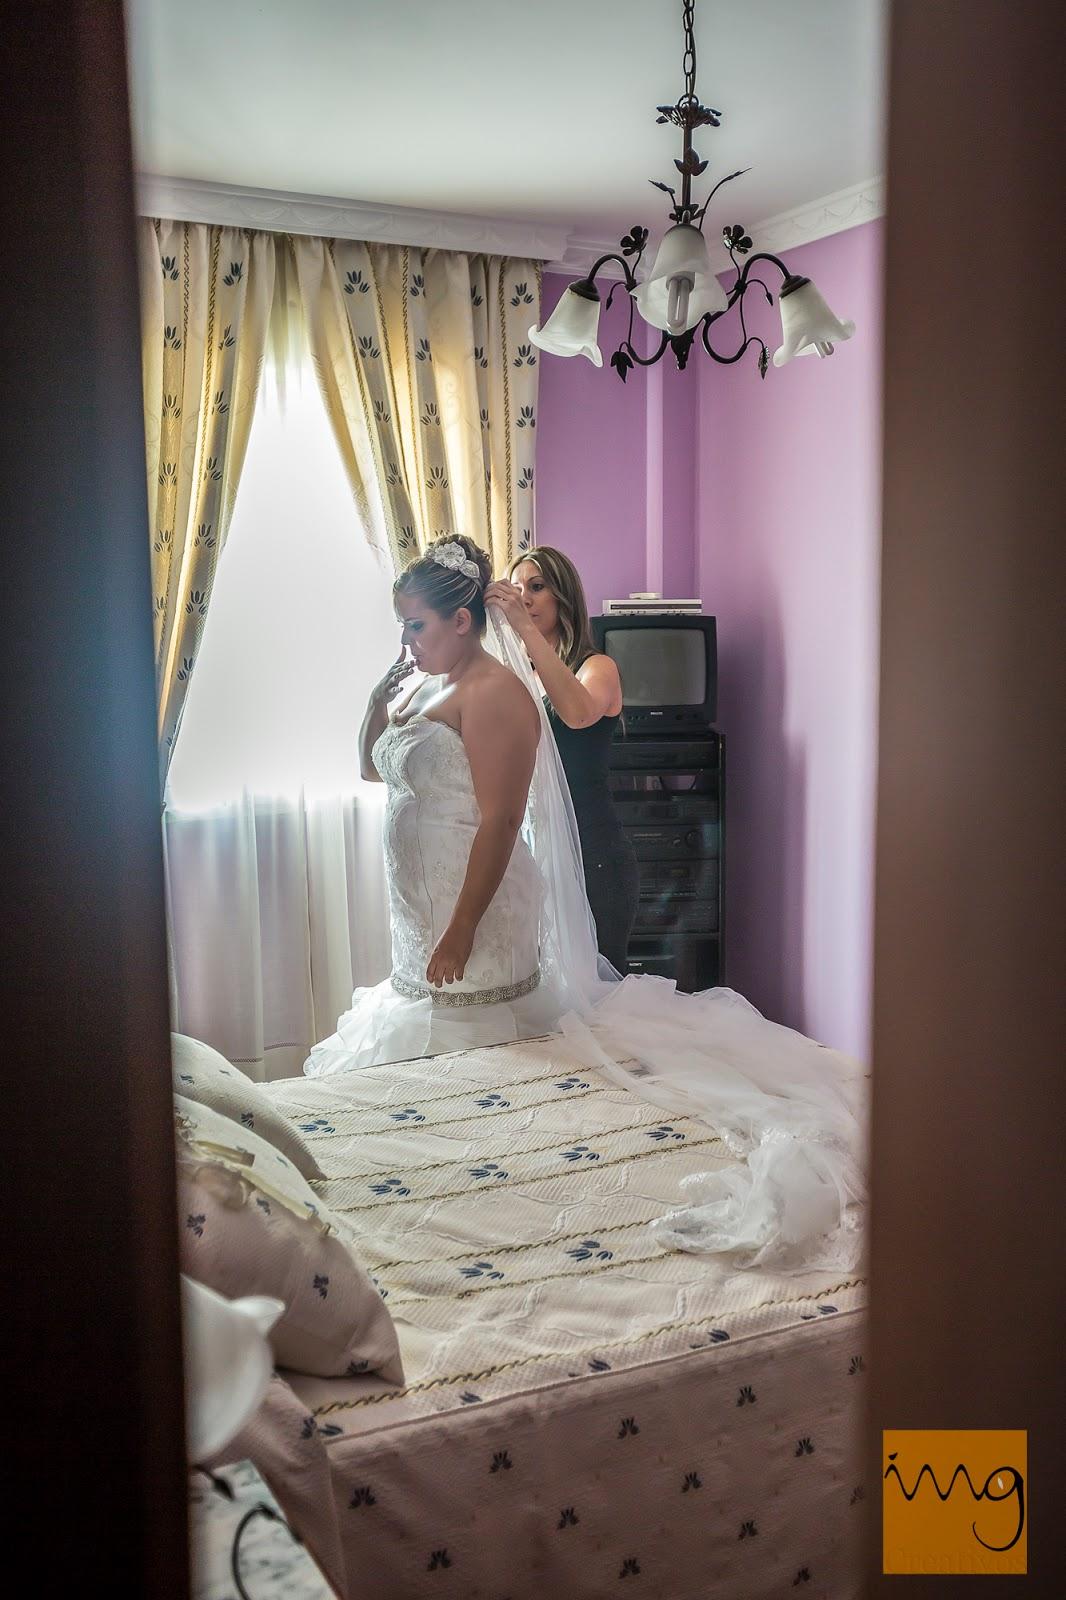 La novia a través de la puerta